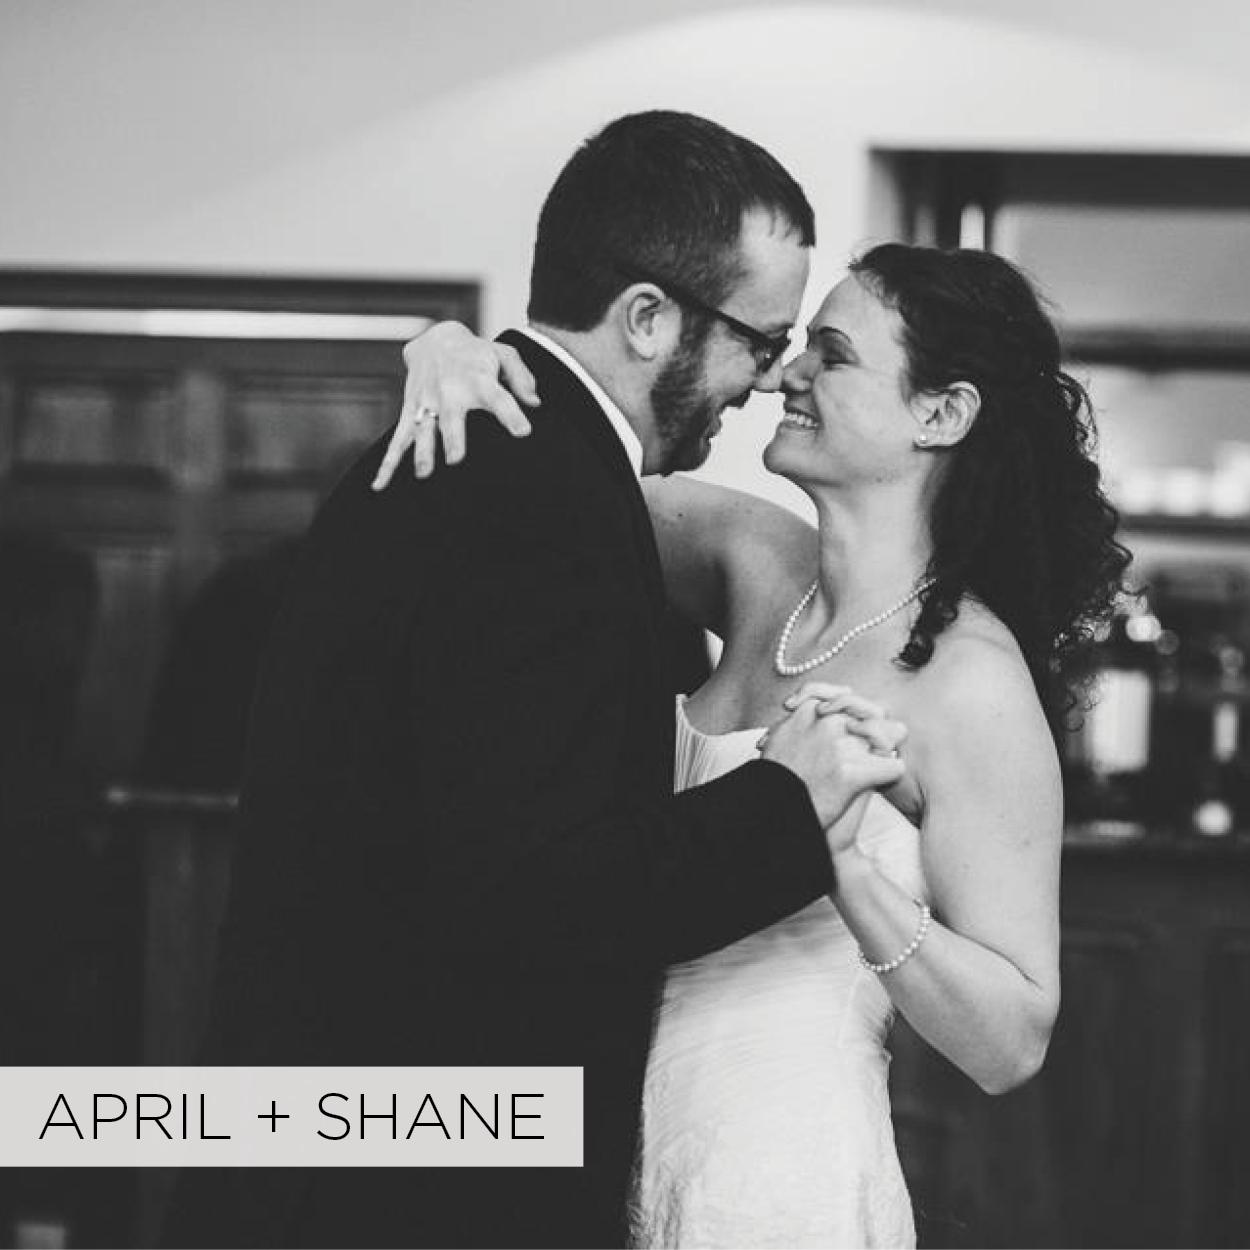 April-Shane.jpg